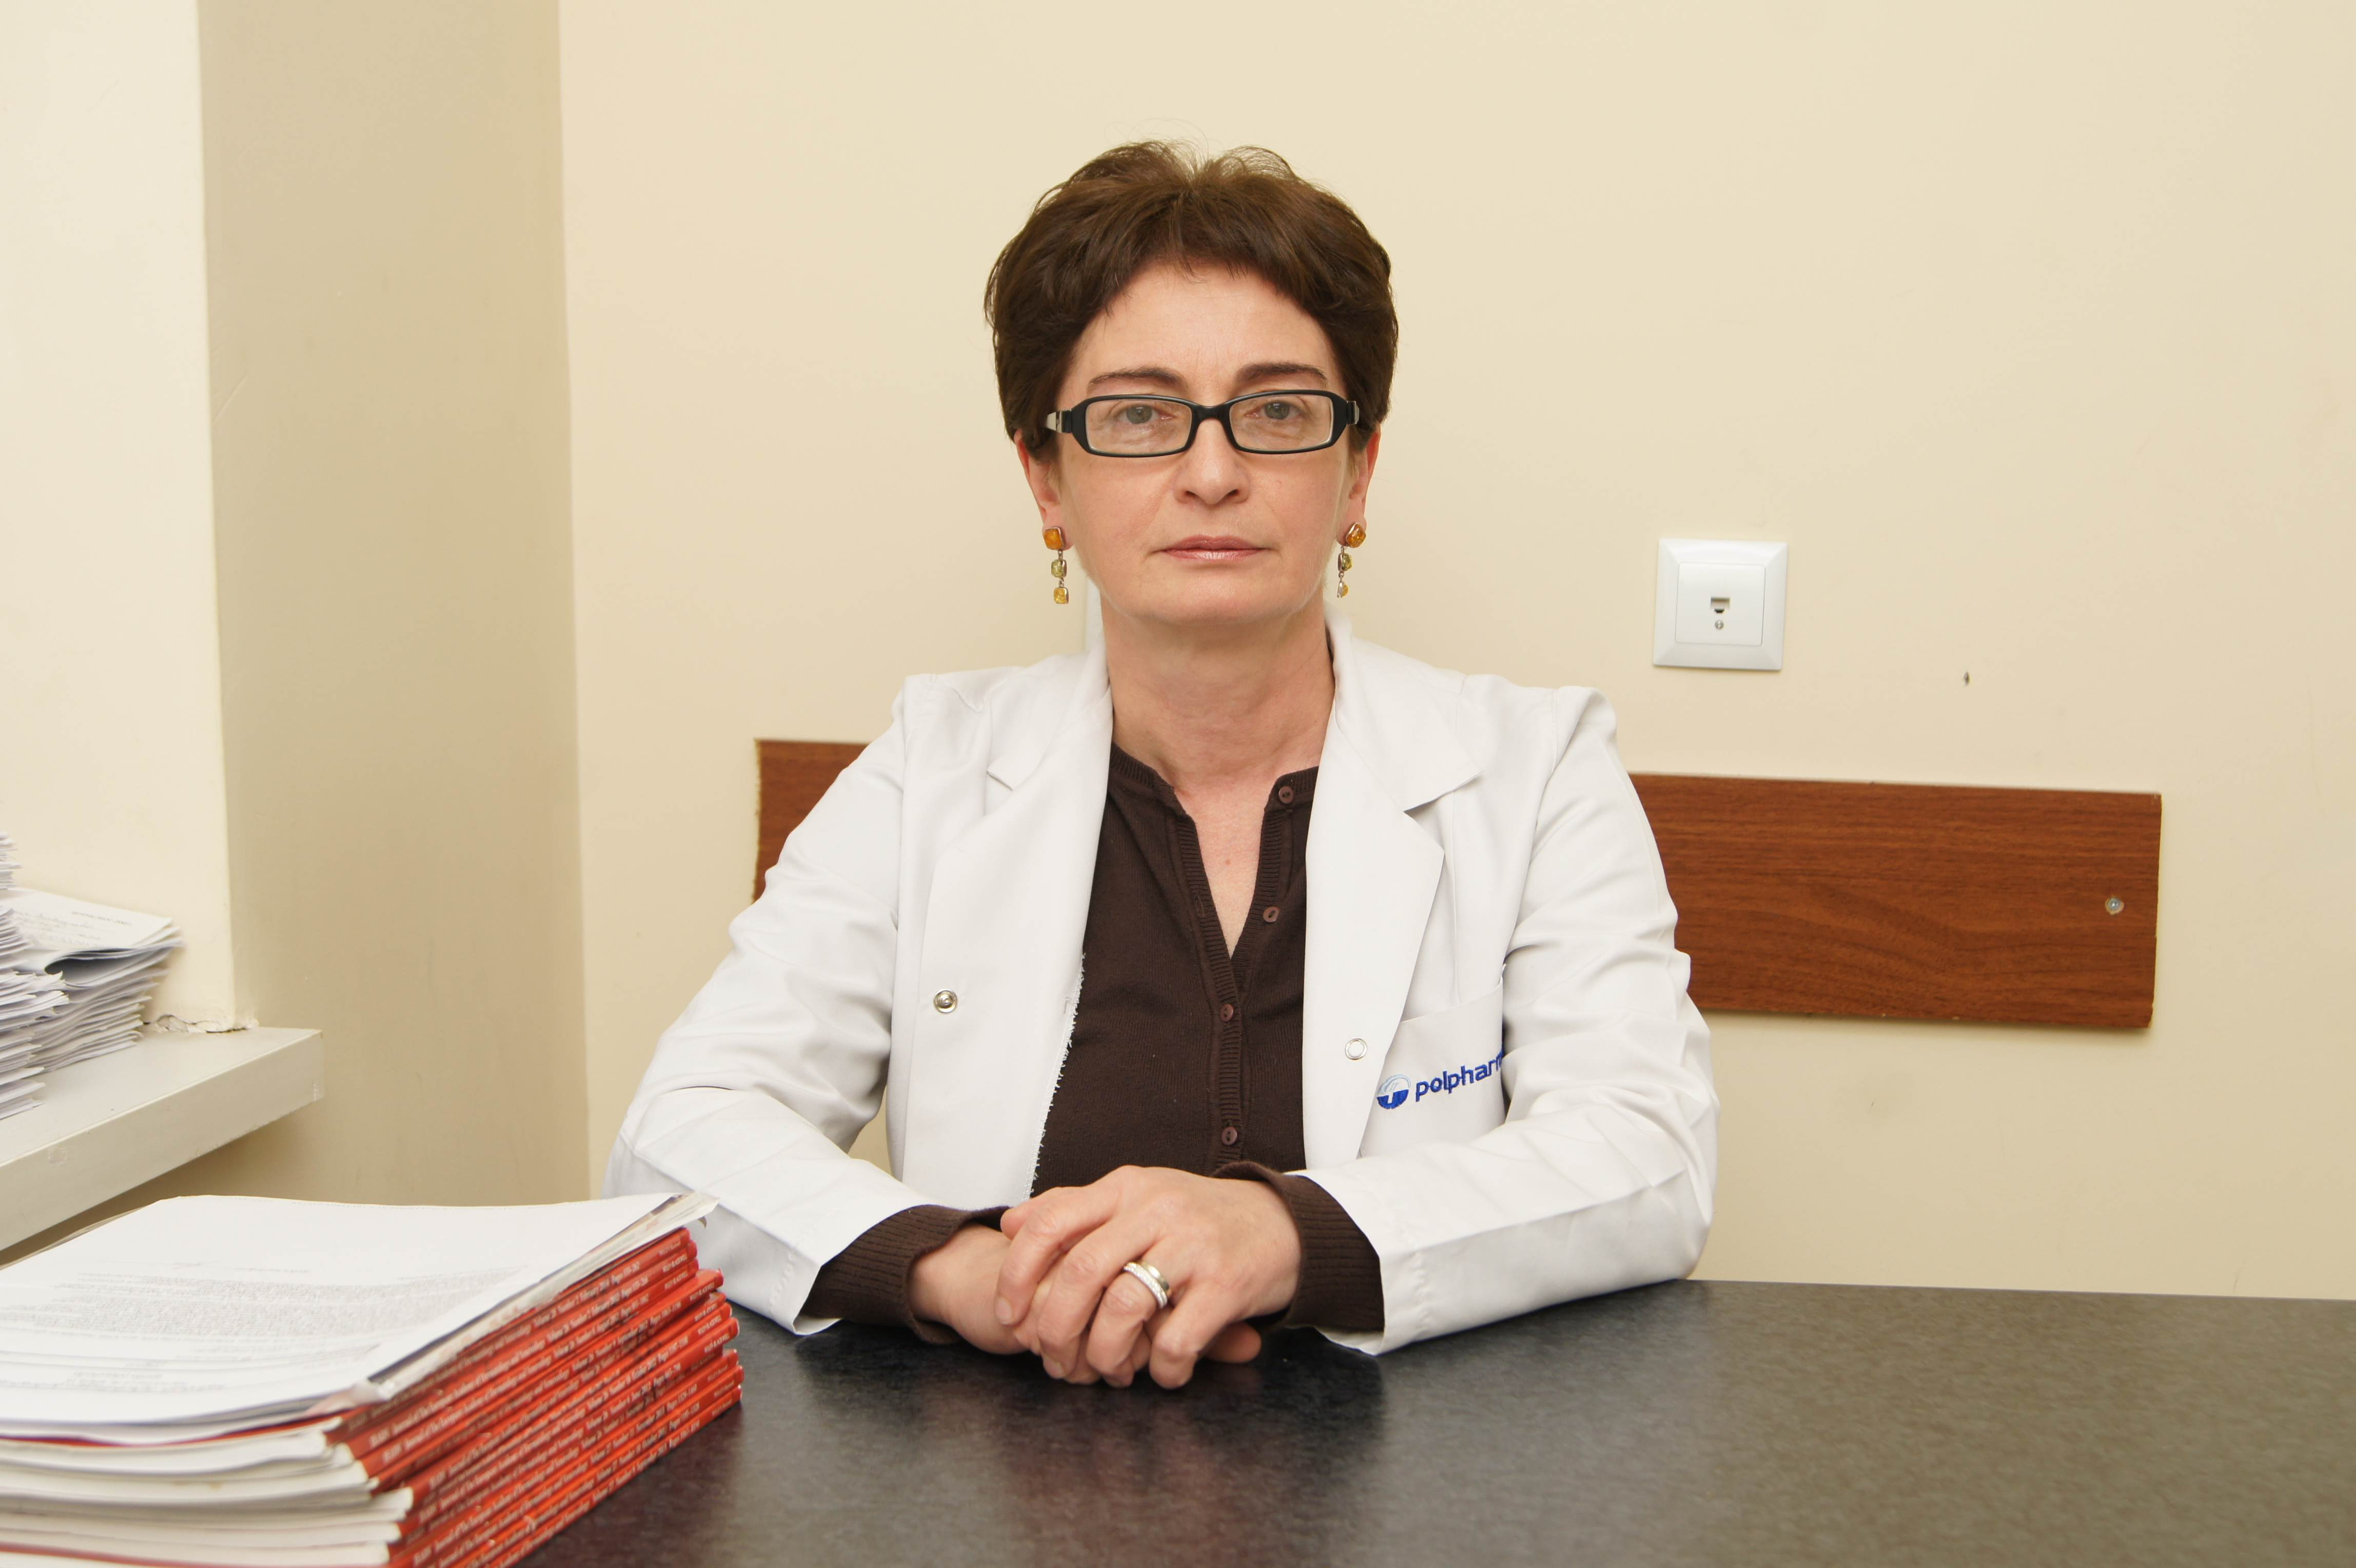 თმის ცვენა ქალებსა და მამაკაცებში - დაუსვით კითხვა ექიმს